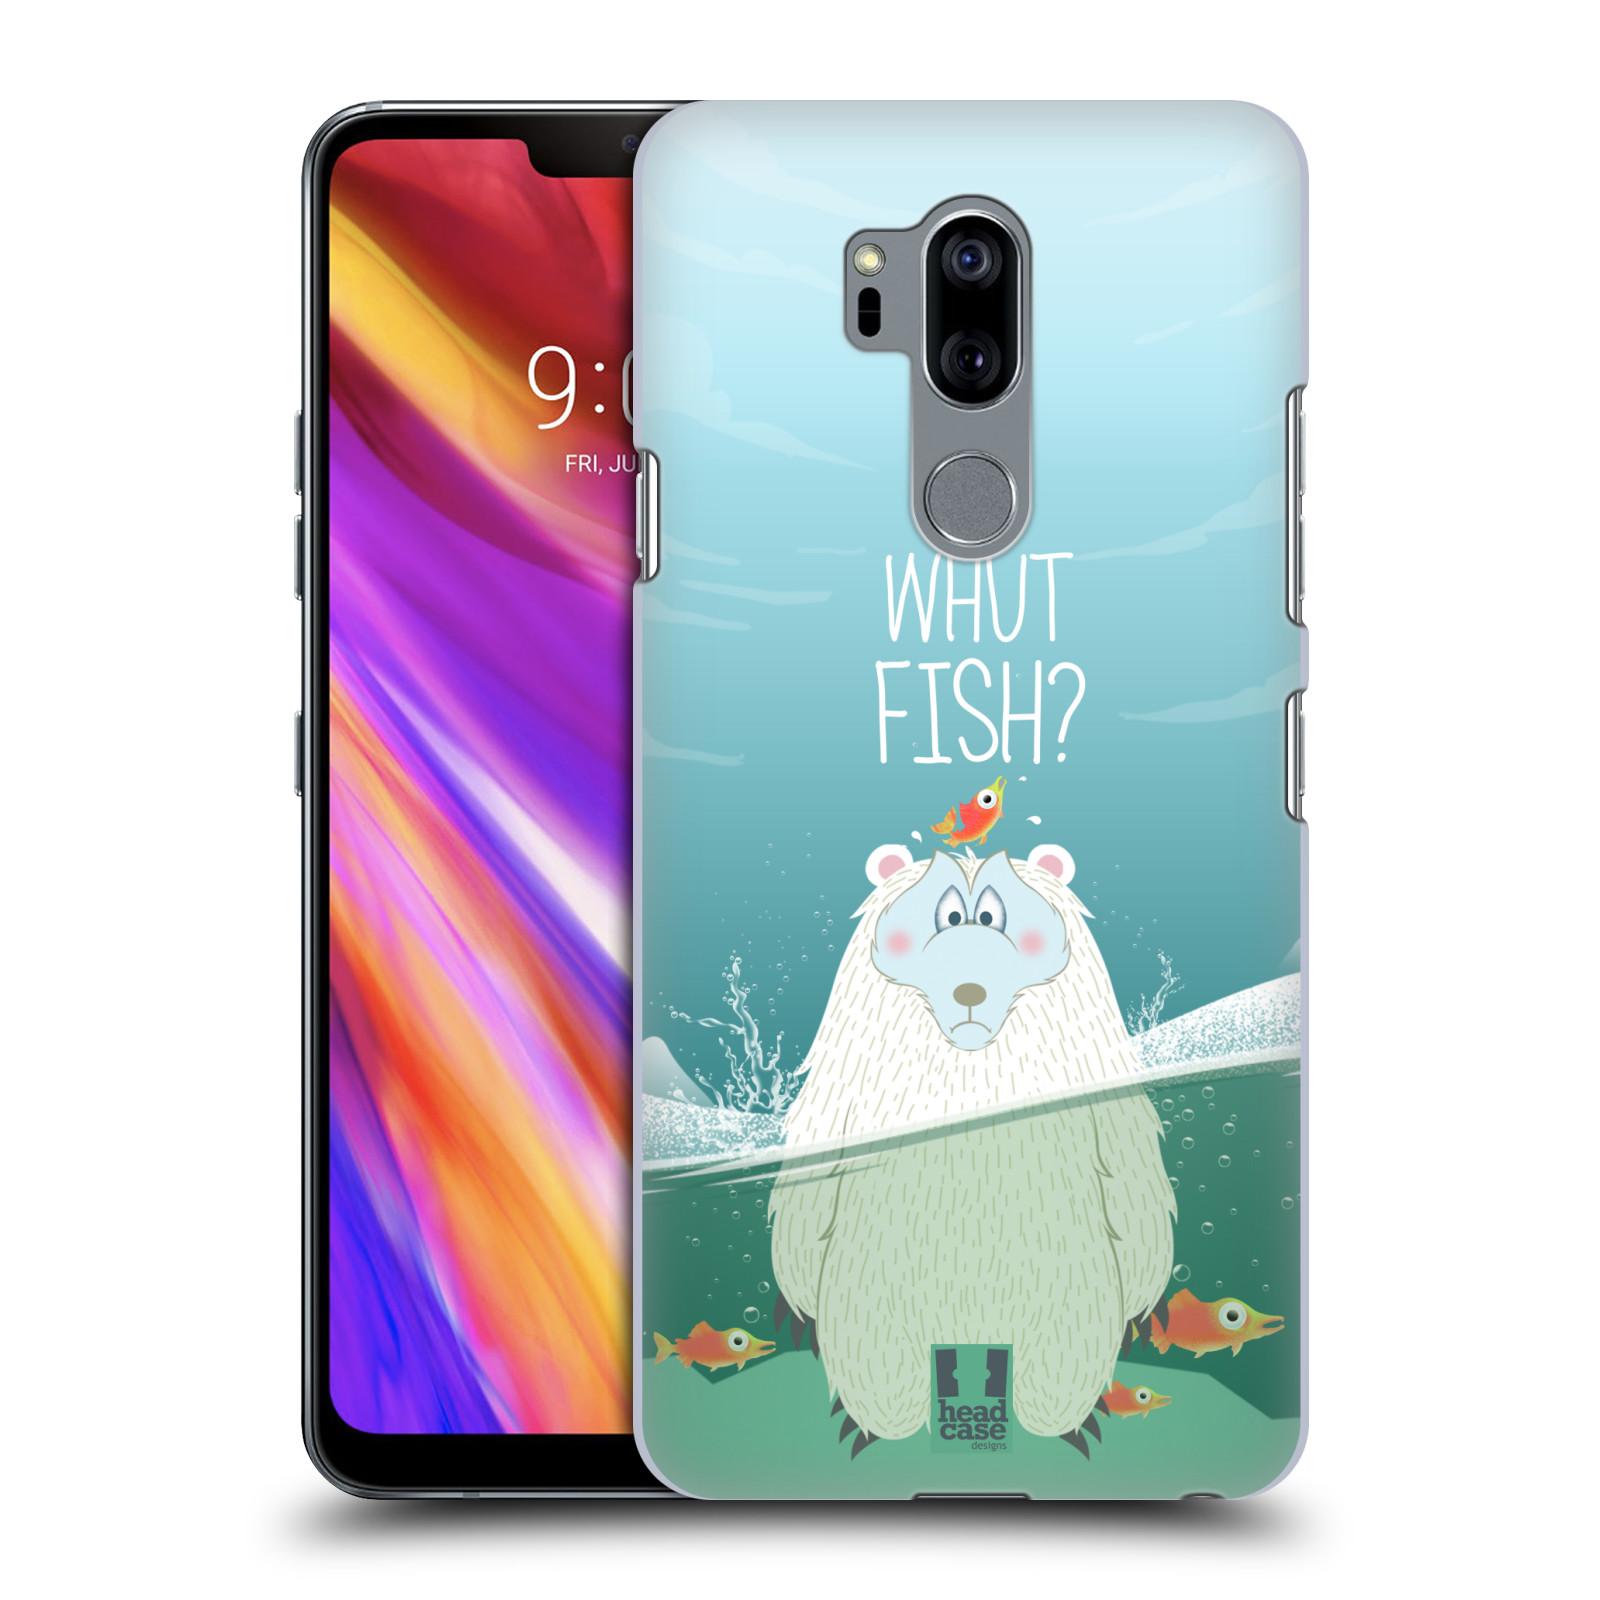 Plastové pouzdro na mobil LG G7 ThinQ - Head Case - Medvěd Whut Fish?